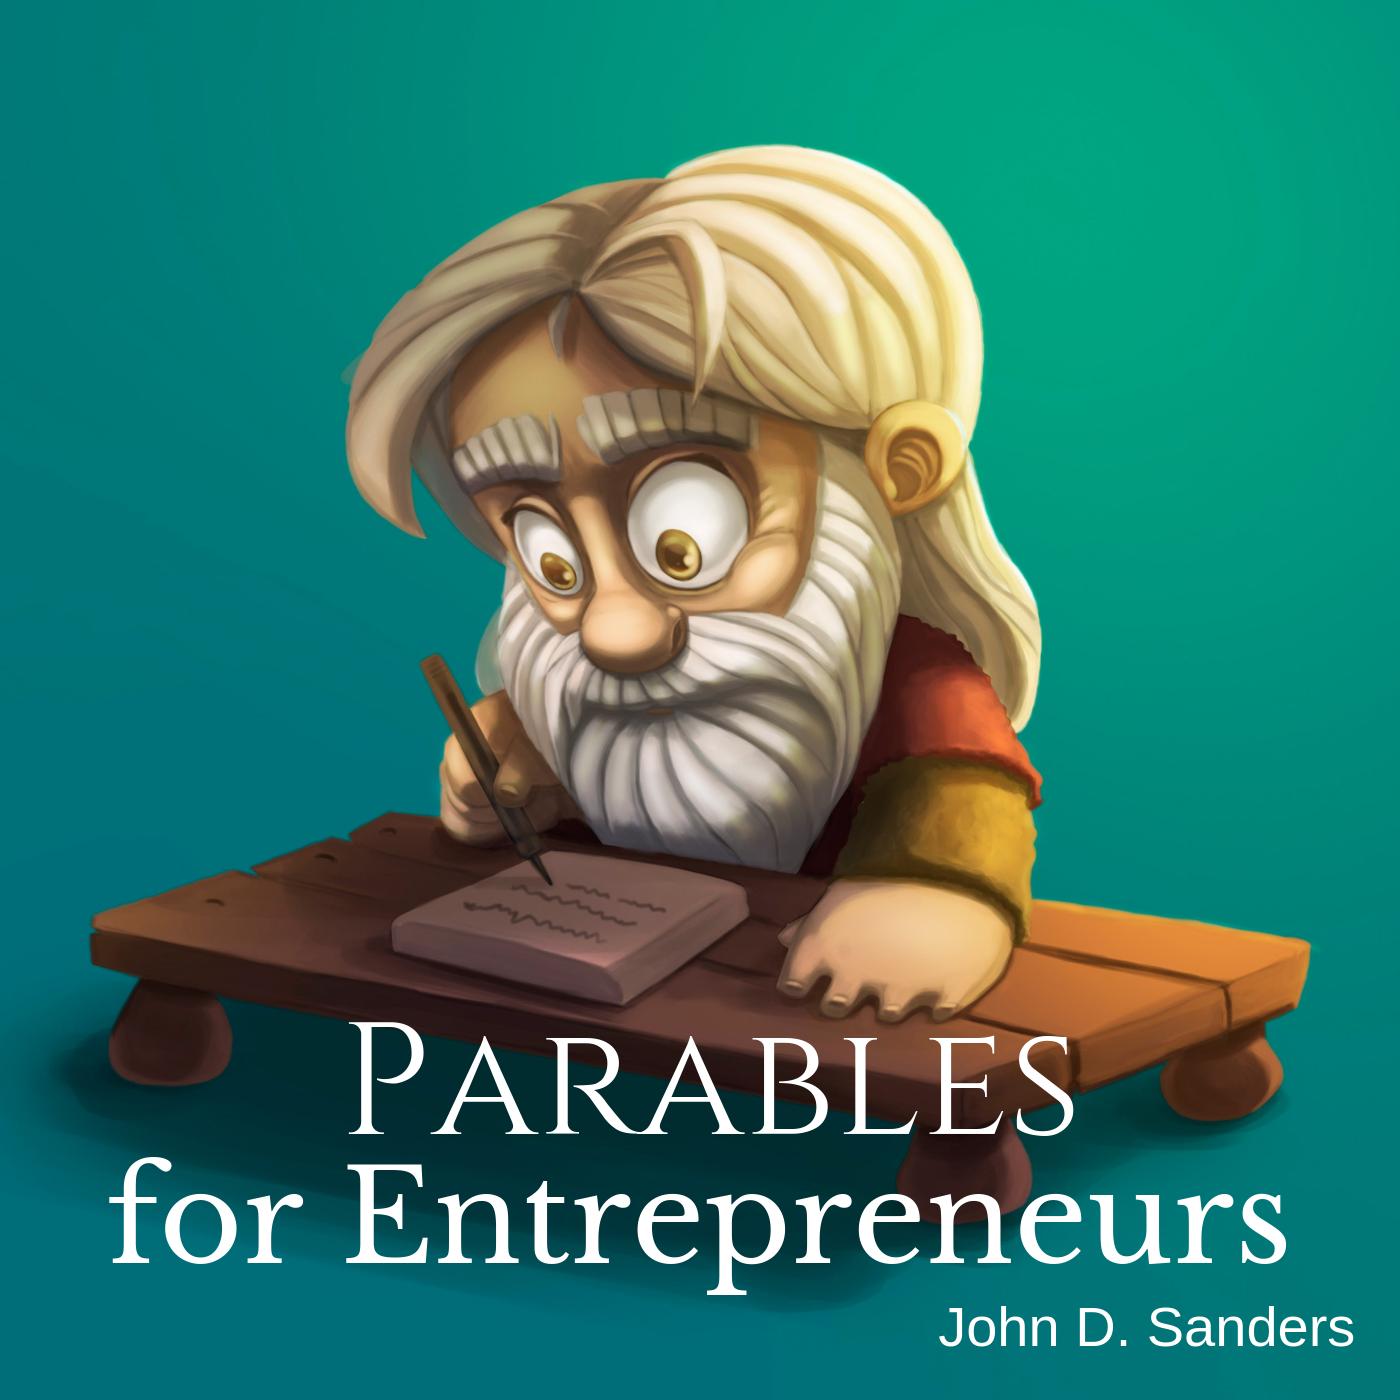 Parables for Entrepreneurs album artwork